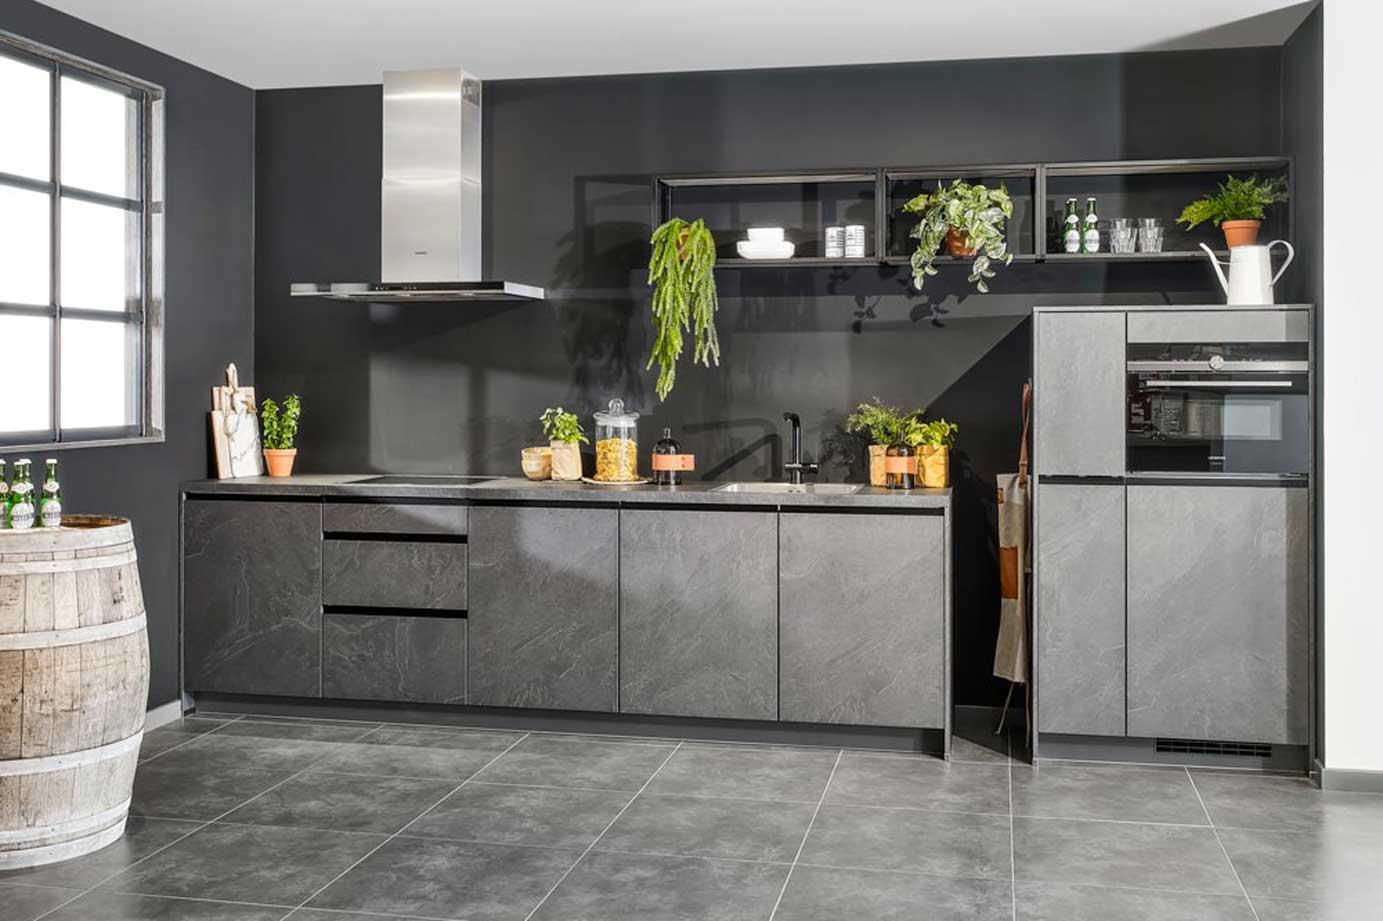 Keuken Kleine Kleur : Keuken kleuren veel keus stijlen en prijzen arma